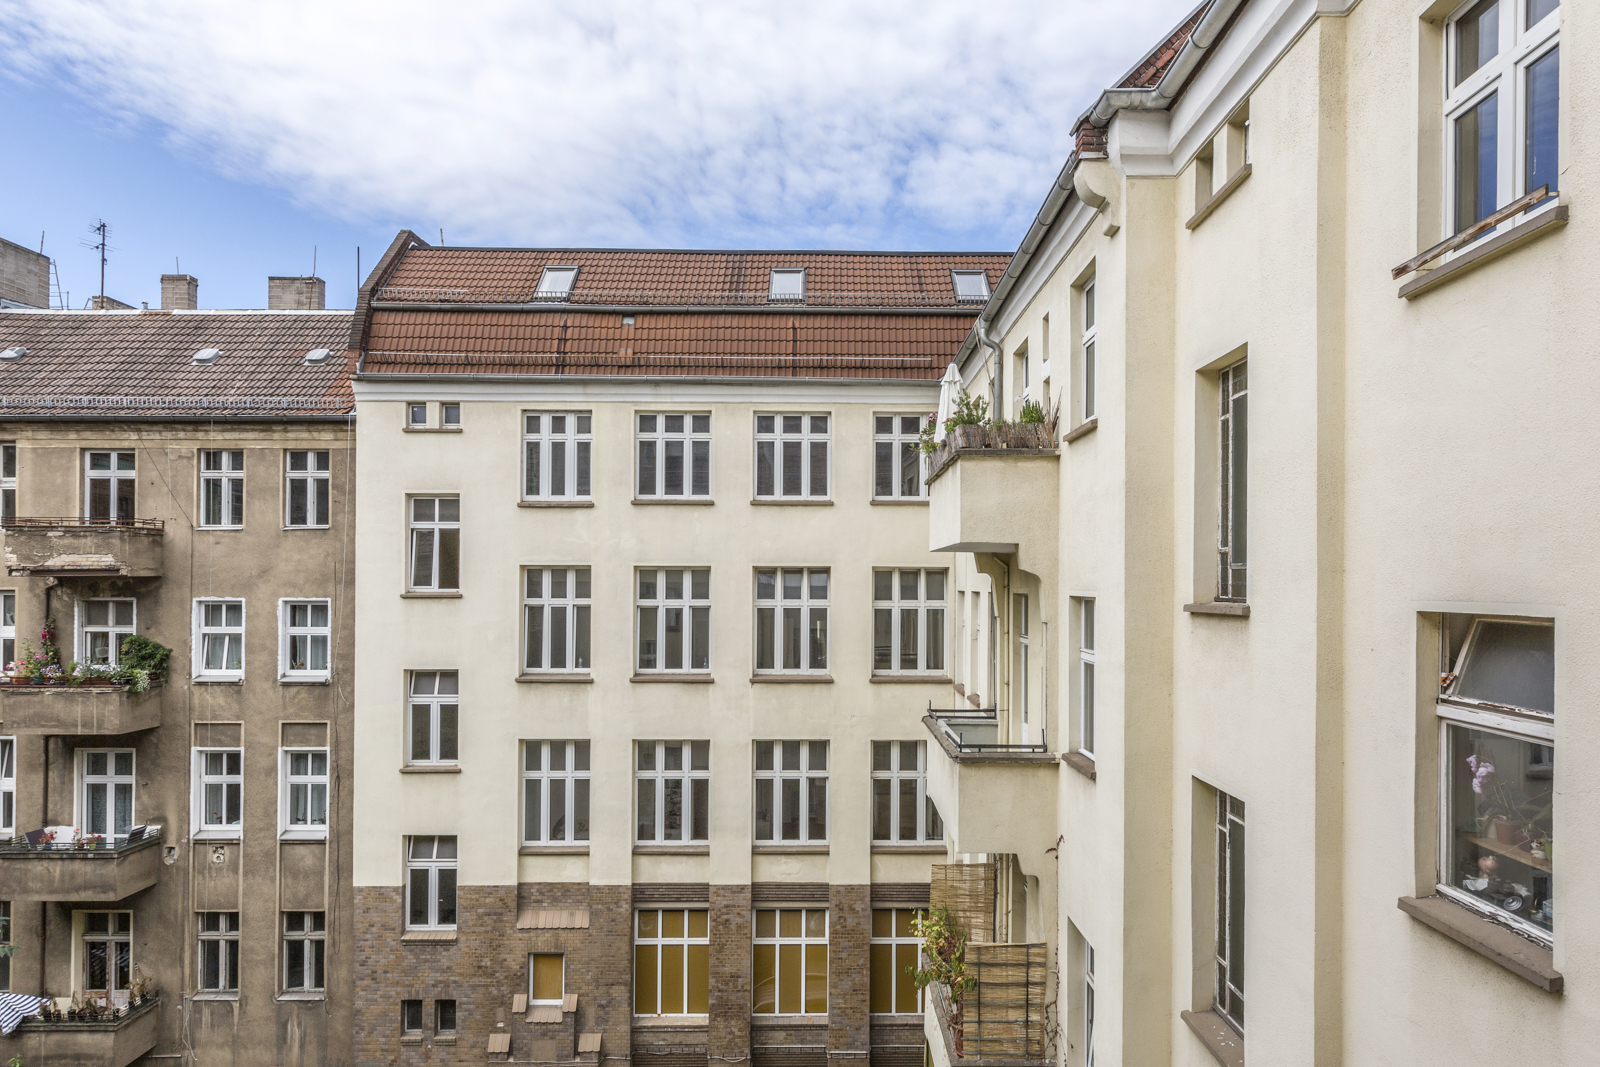 Ingo_Lawaczeck_Mähre_Schönhauser-6